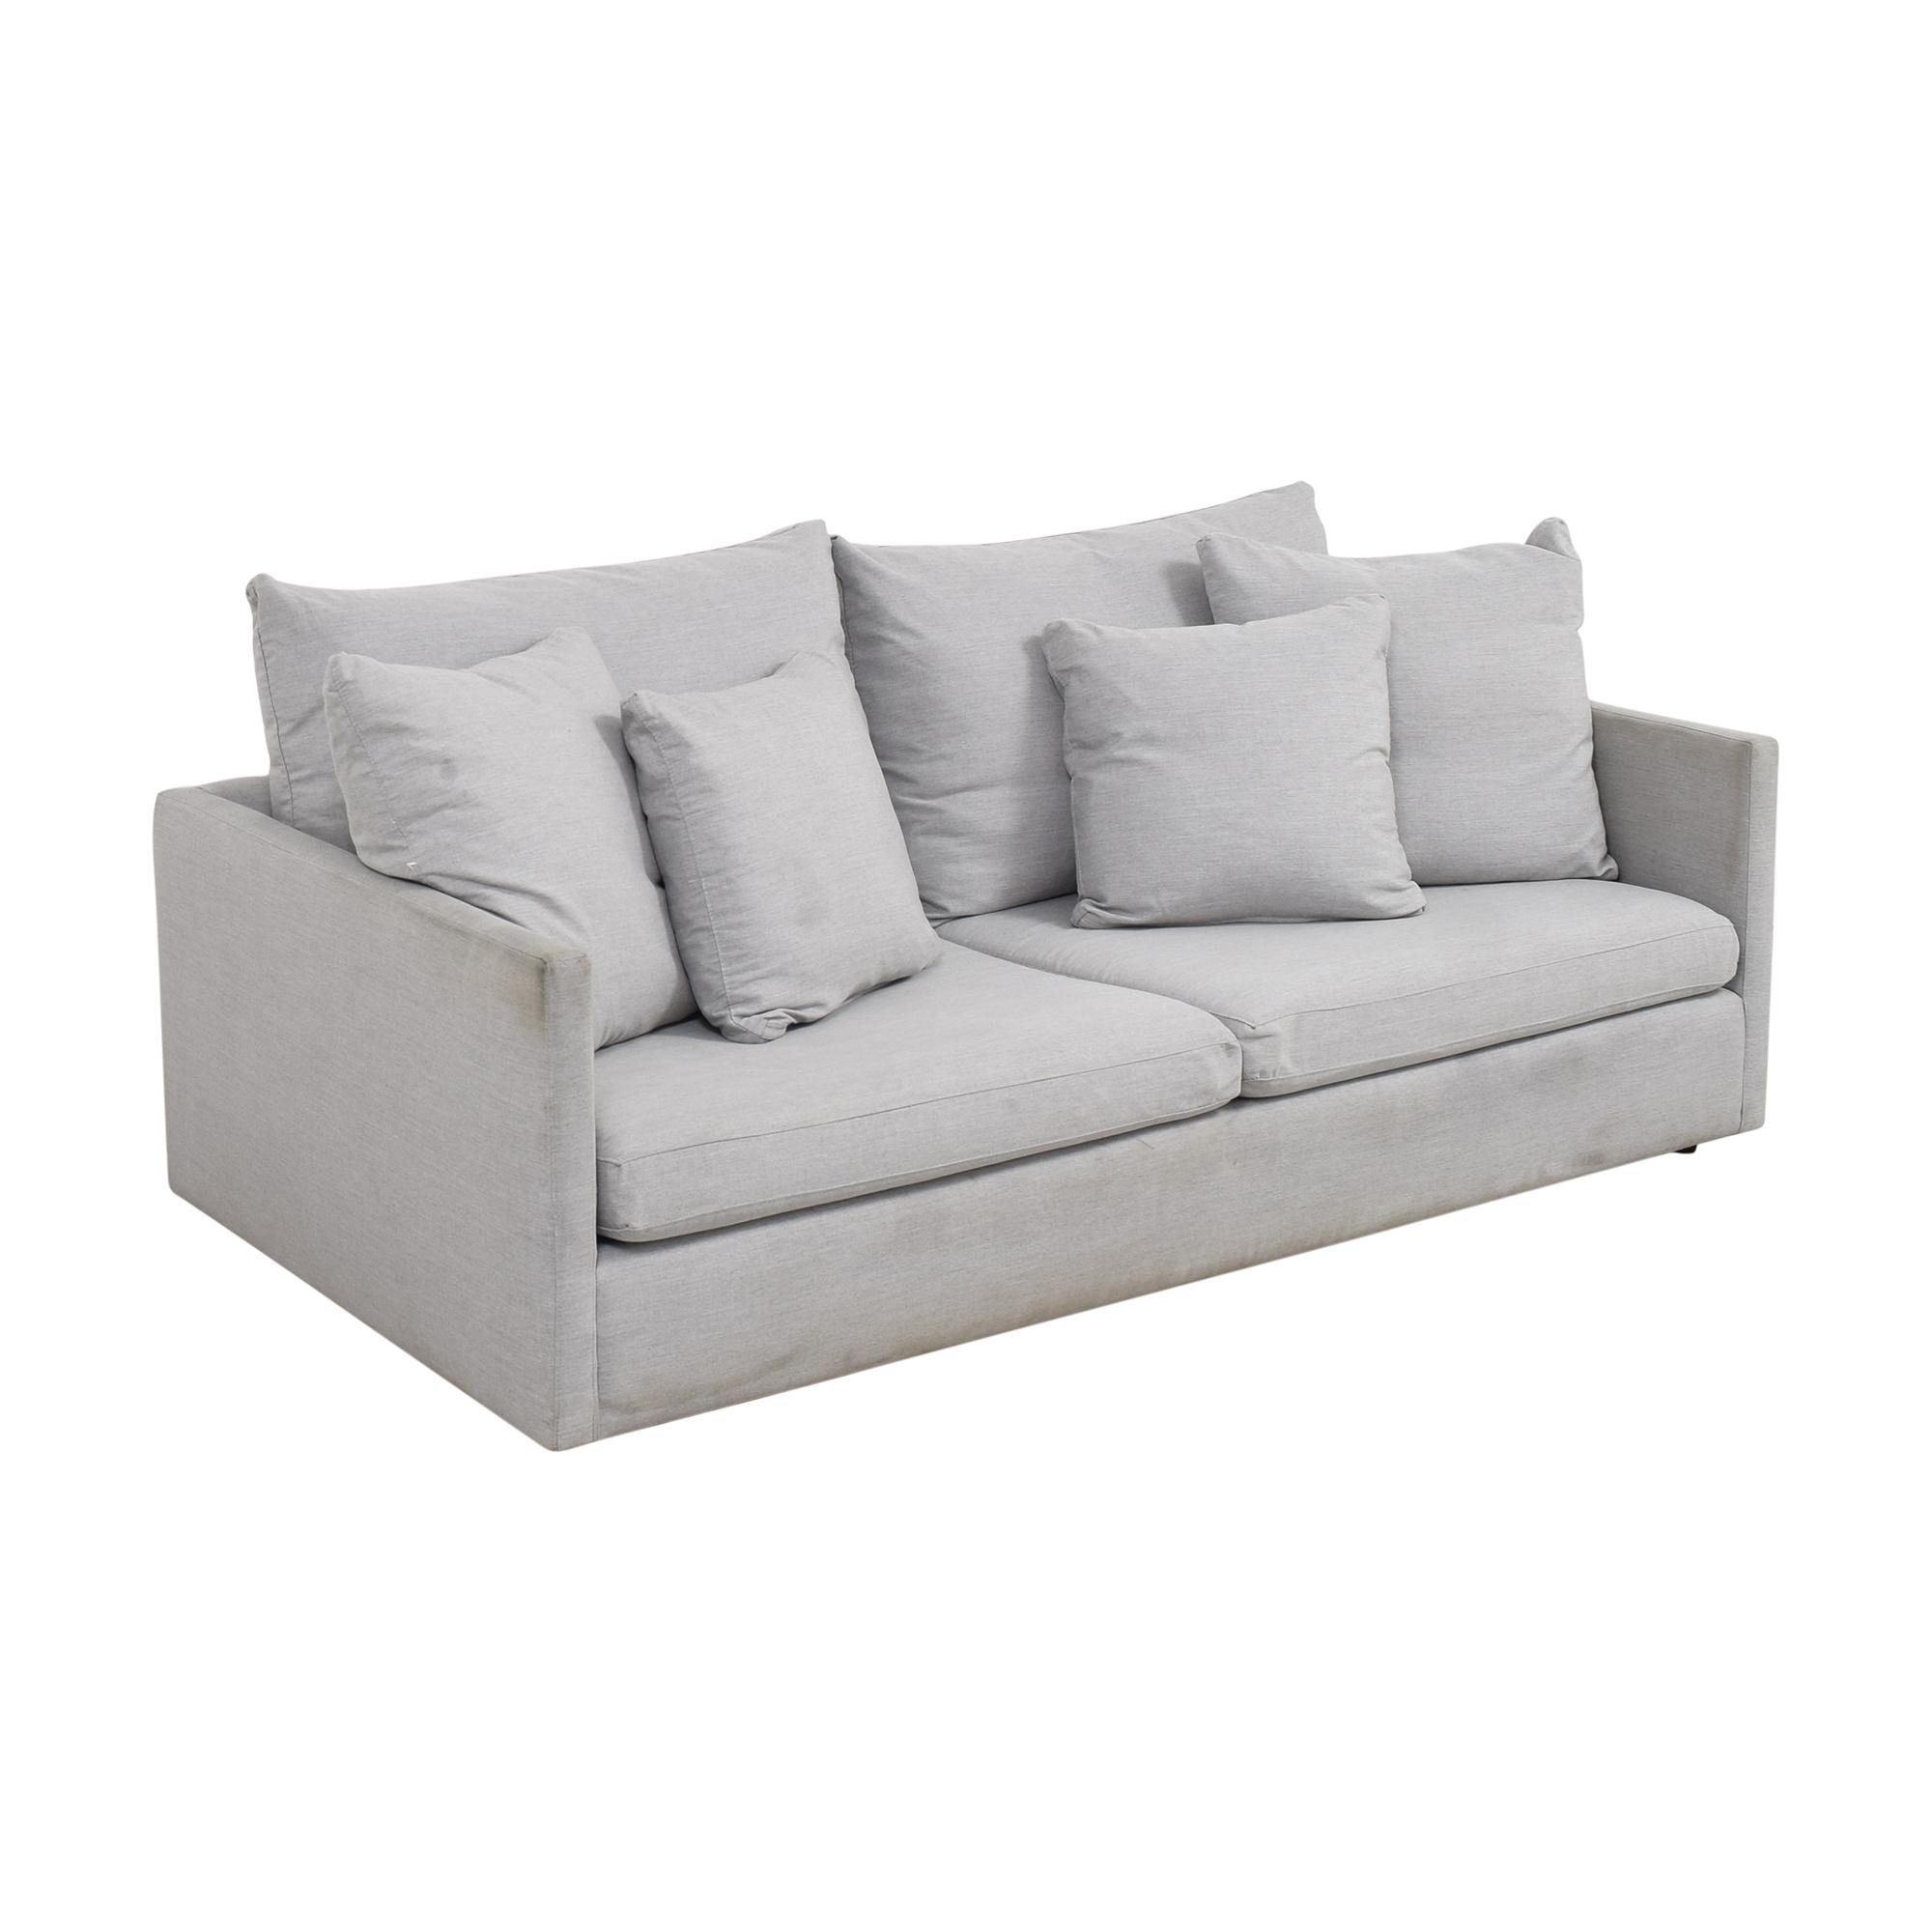 shop ABC Carpet & Home Two Cushion Sofa ABC Carpet & Home